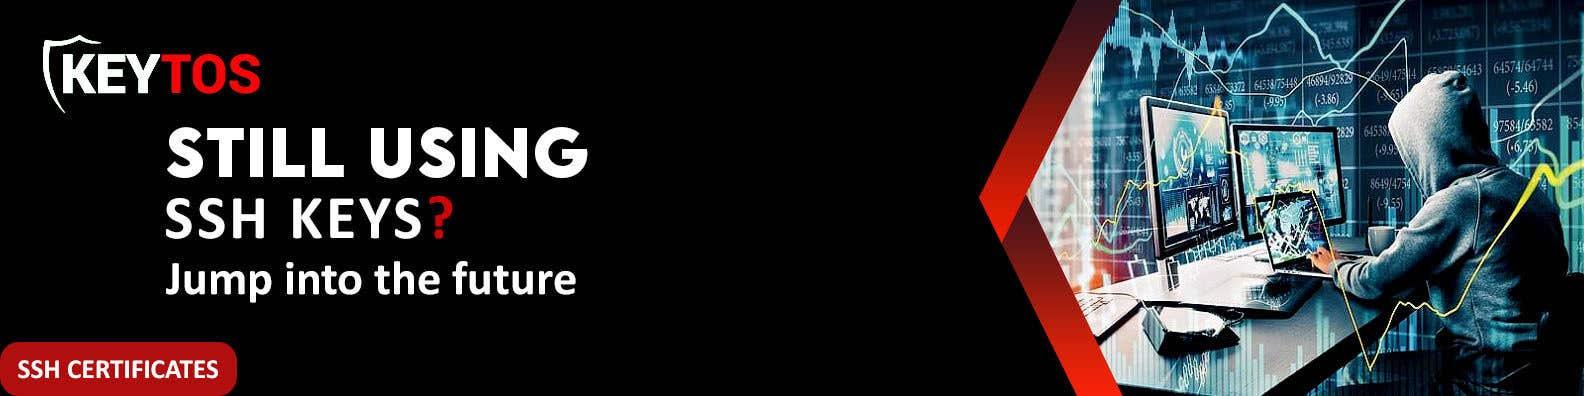 Konkurrenceindlæg #                                        122                                      for                                         Create a Design for LinkedIn Advertisement Banner - 14/06/2021 18:13 EDT